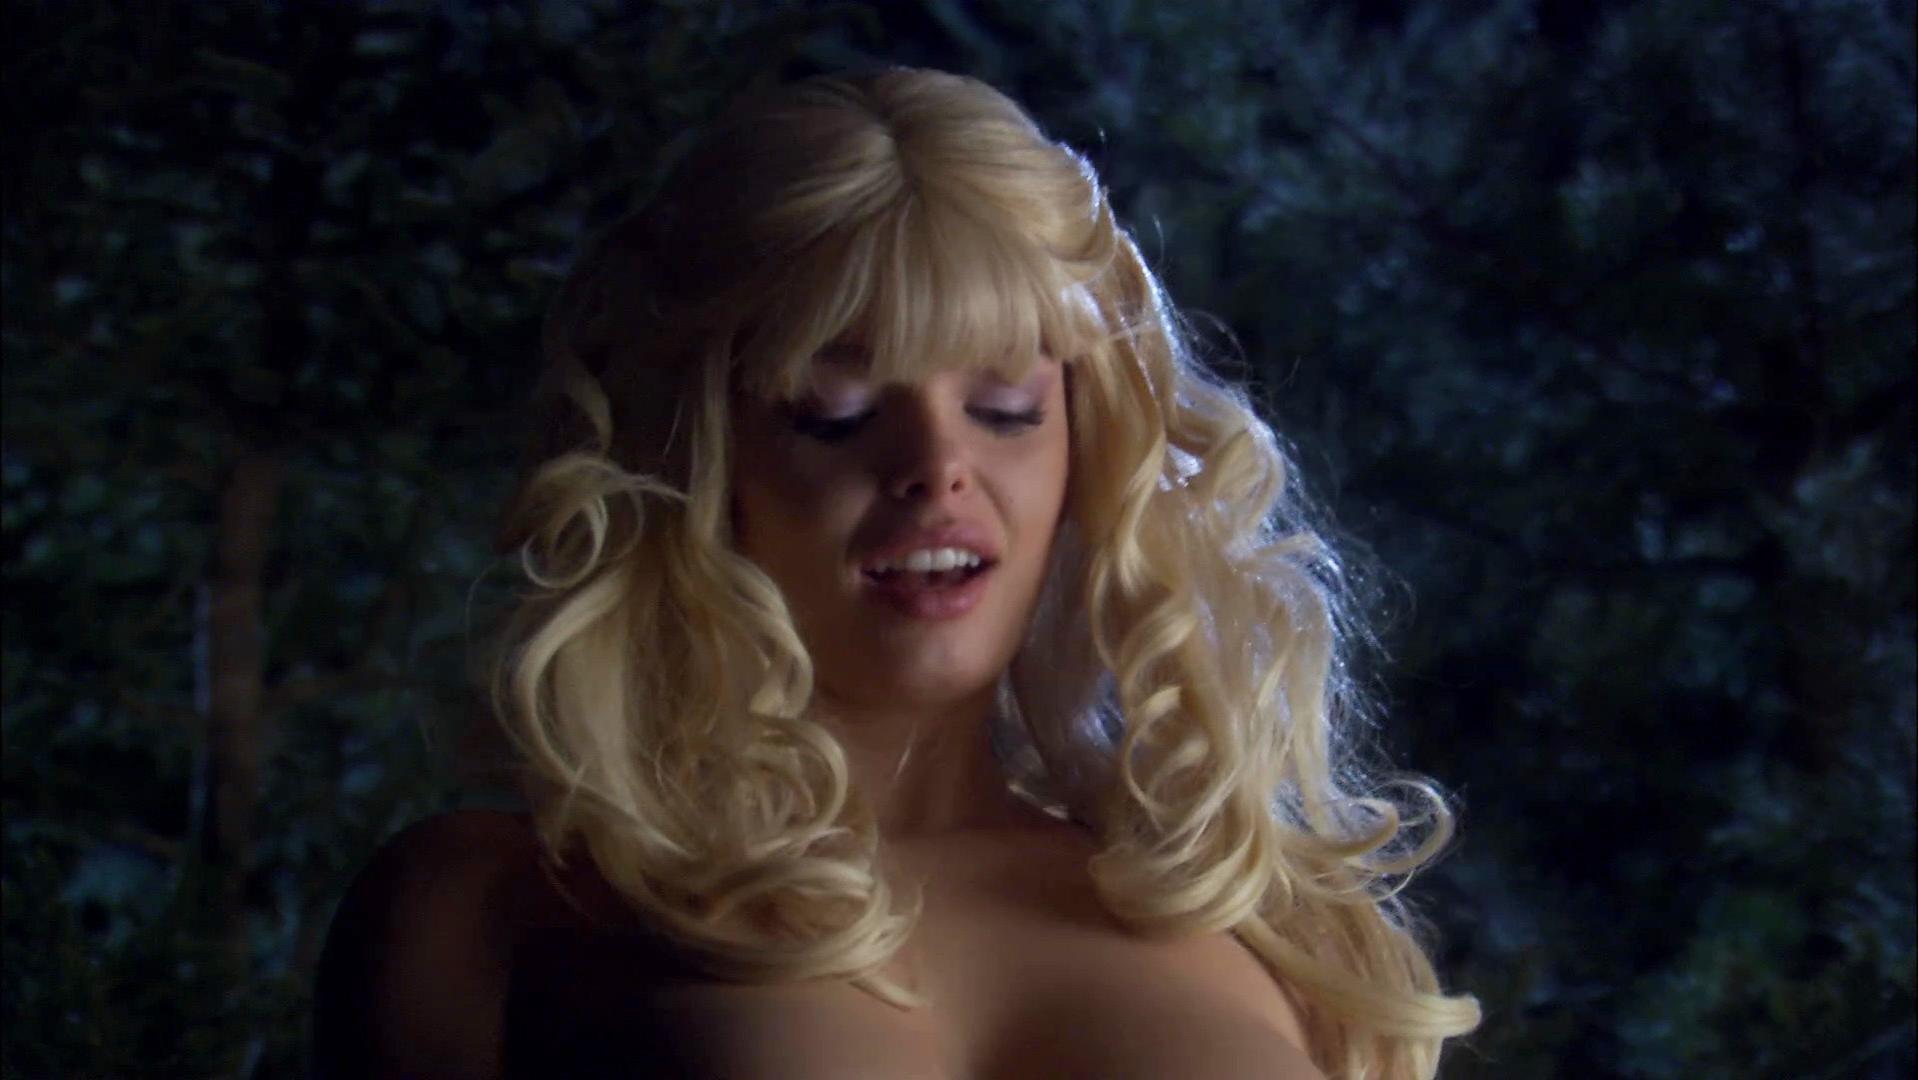 Jessica Parker Kennedy nude, Natalie McFetridge nude - Decoys 2 (2007)